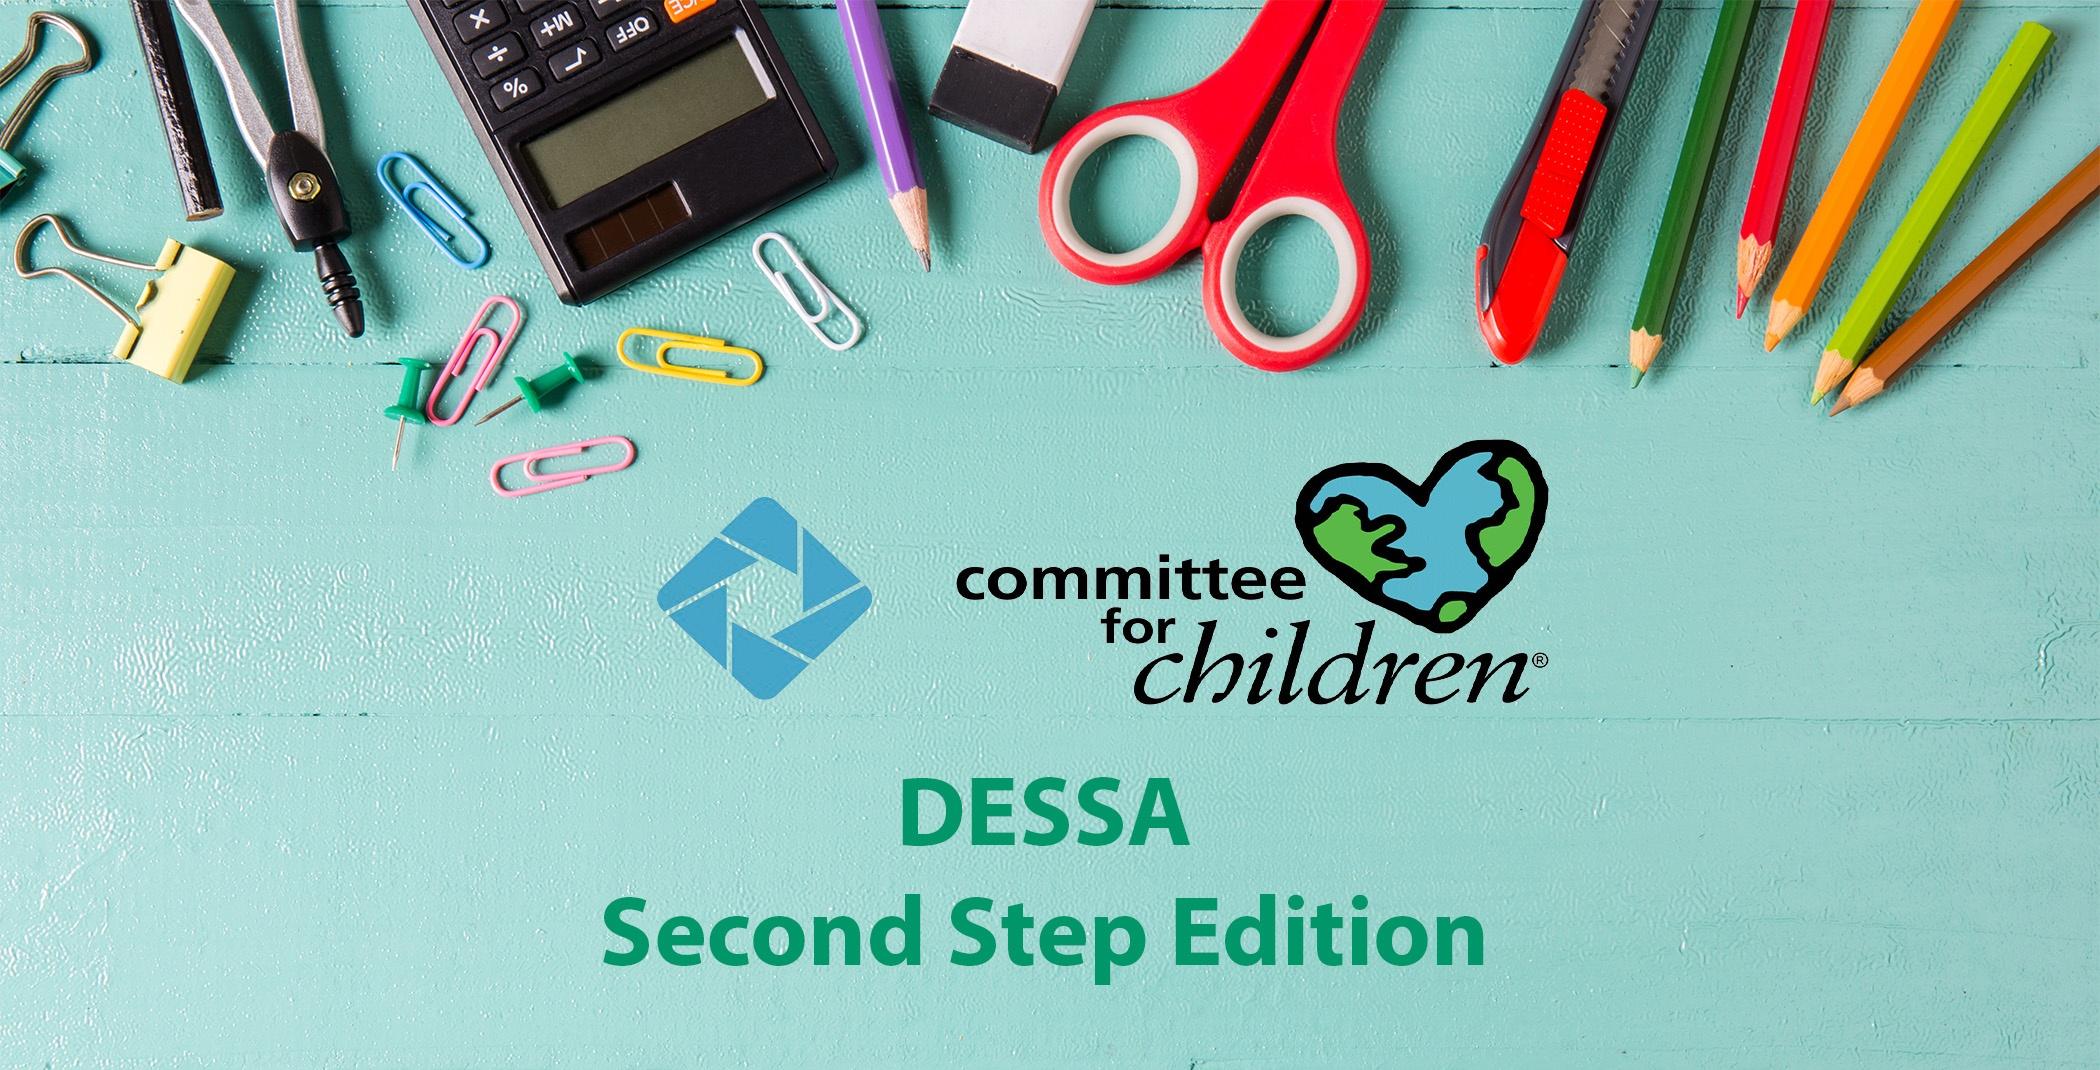 DESSA SSE.jpg